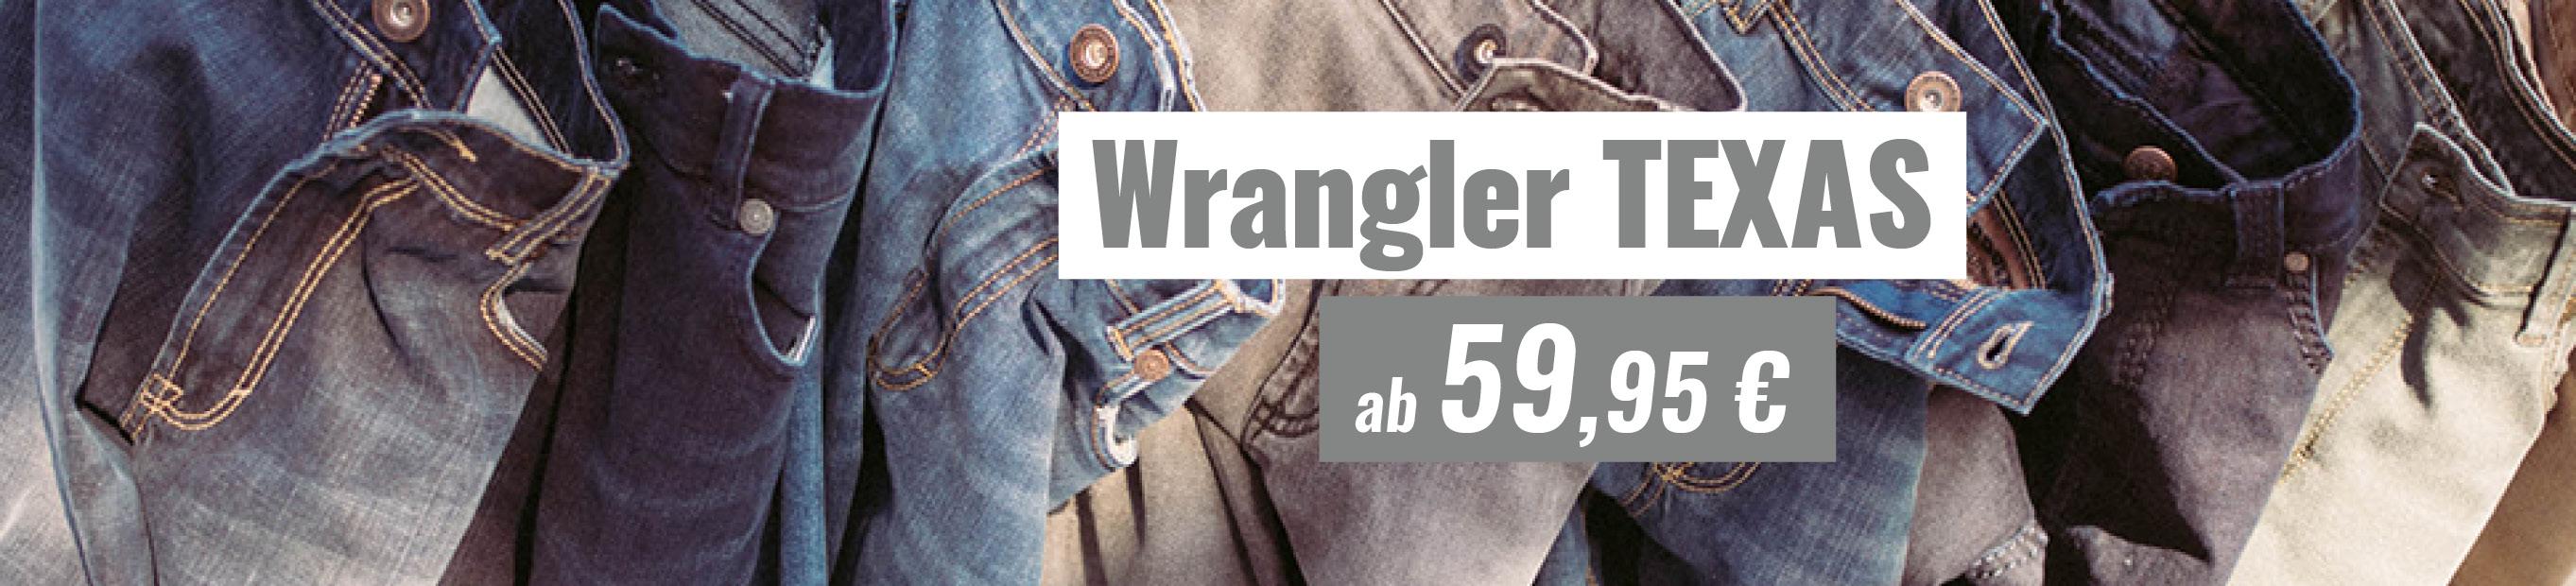 Wrangler Texas